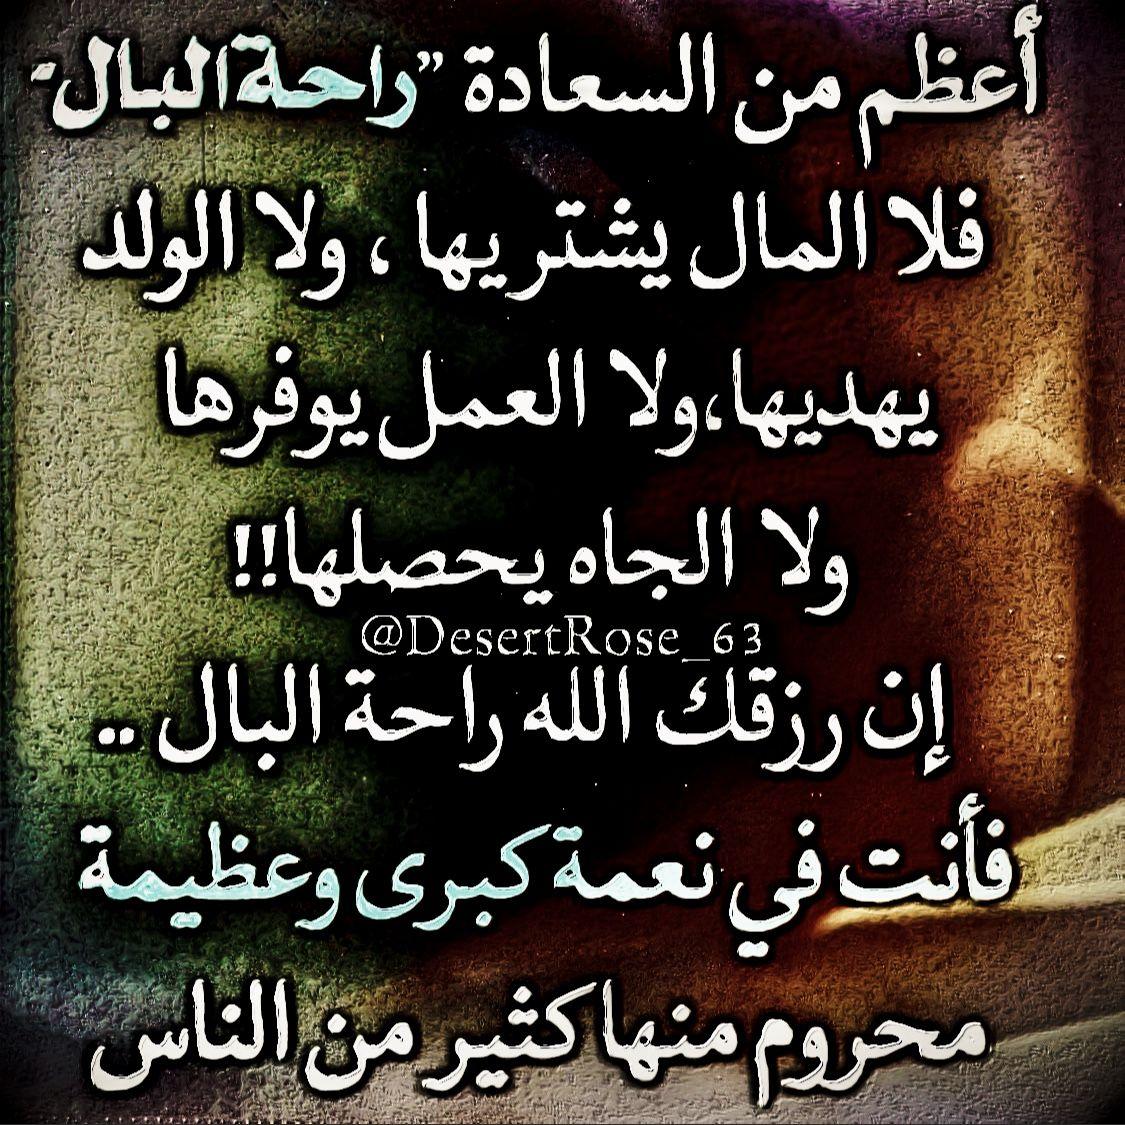 الل ه م ارزقنا راحة البال Arabic Calligraphy Calligraphy